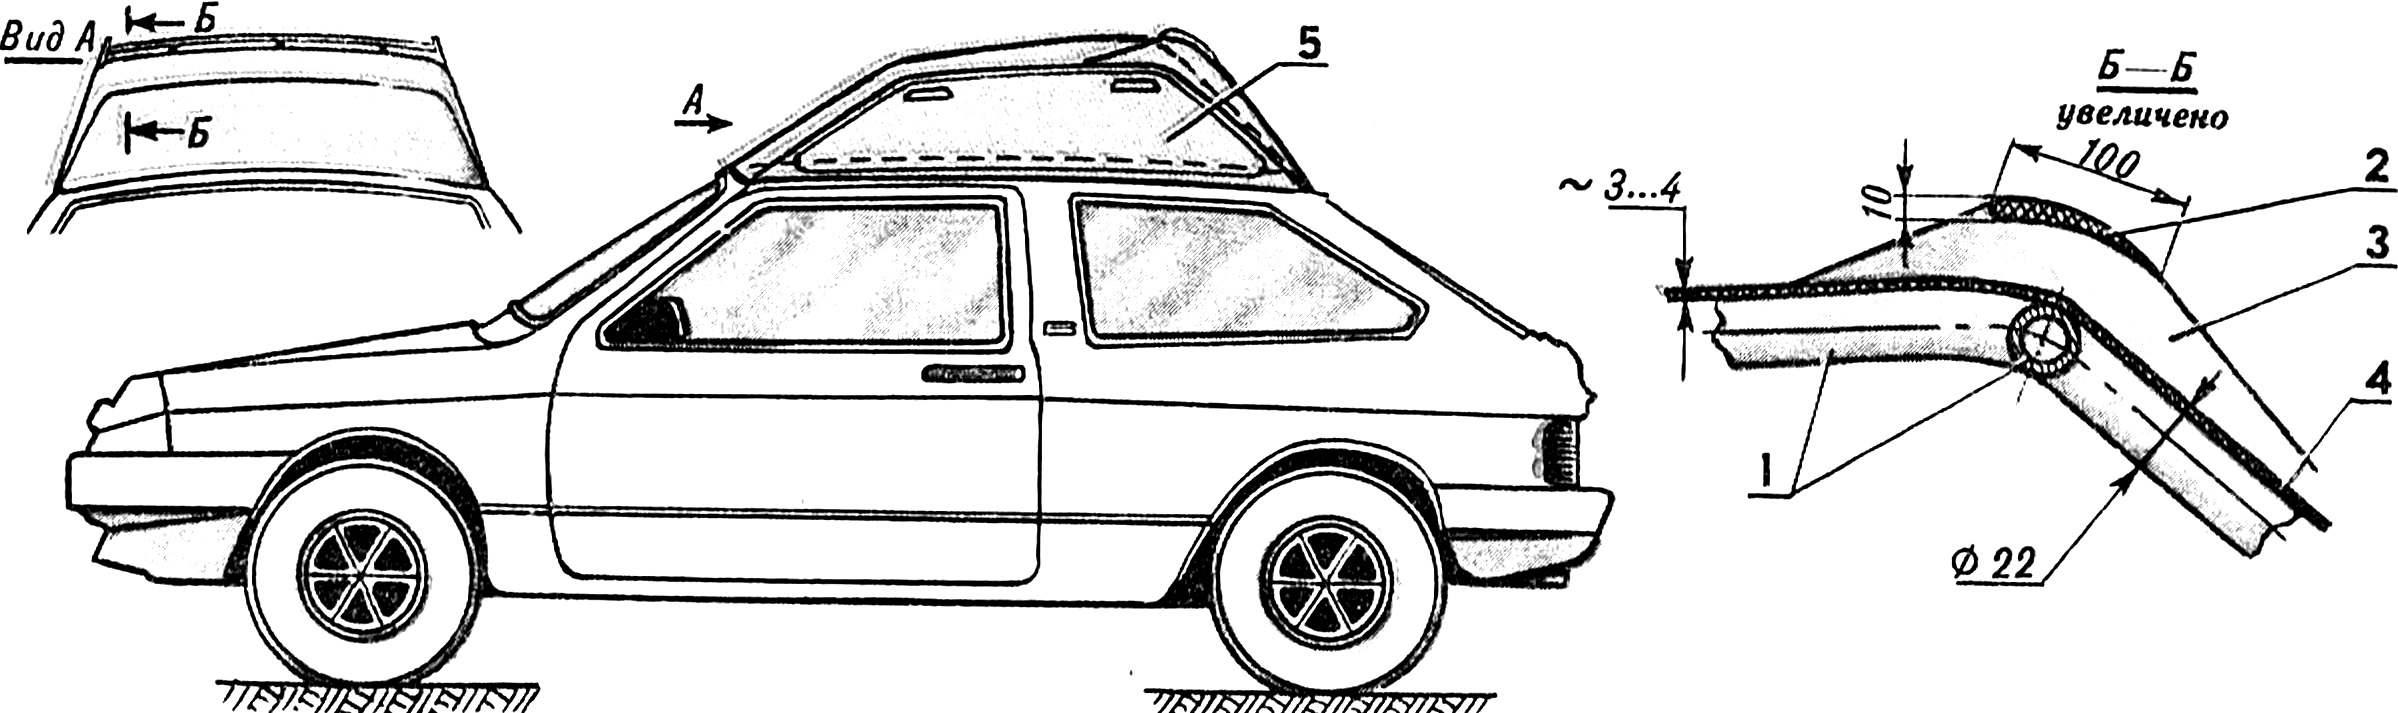 Рис. 1. «Аэродинамический» багажник и его основные элементы (применительно к ВАЗ-2108).